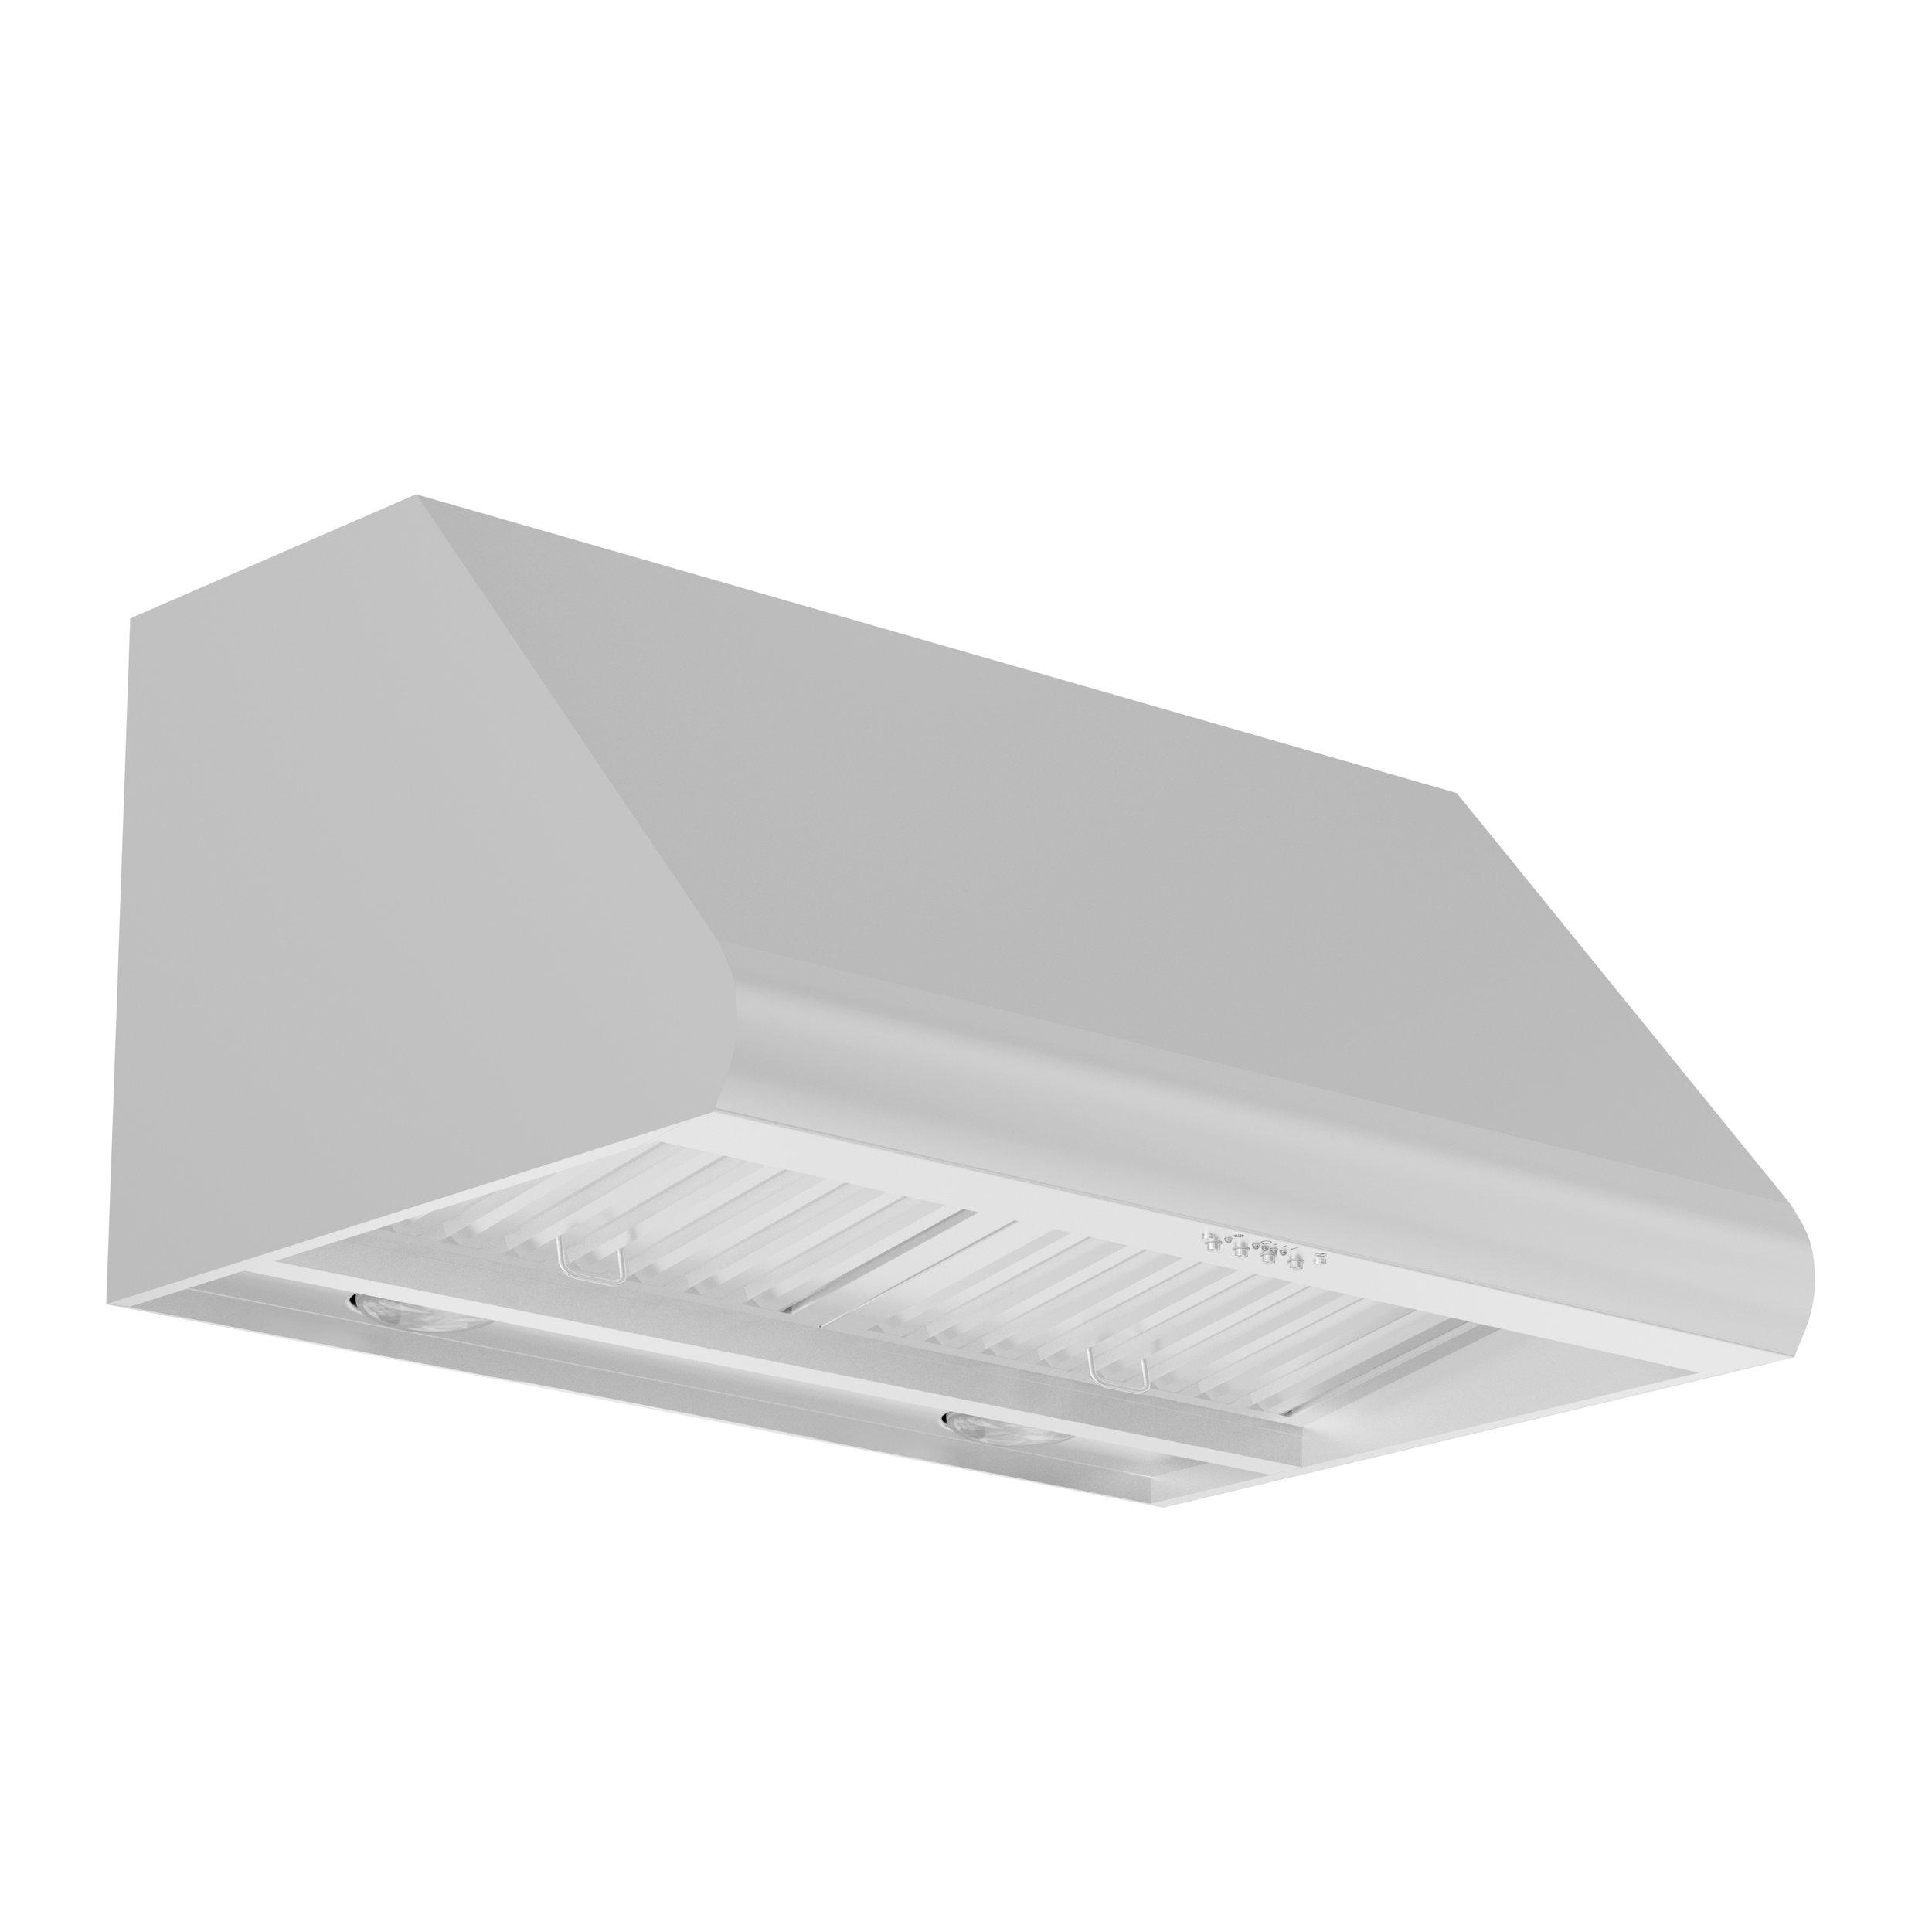 zline-stainless-steel-under-cabinet-range-hood-527-side-under.jpeg